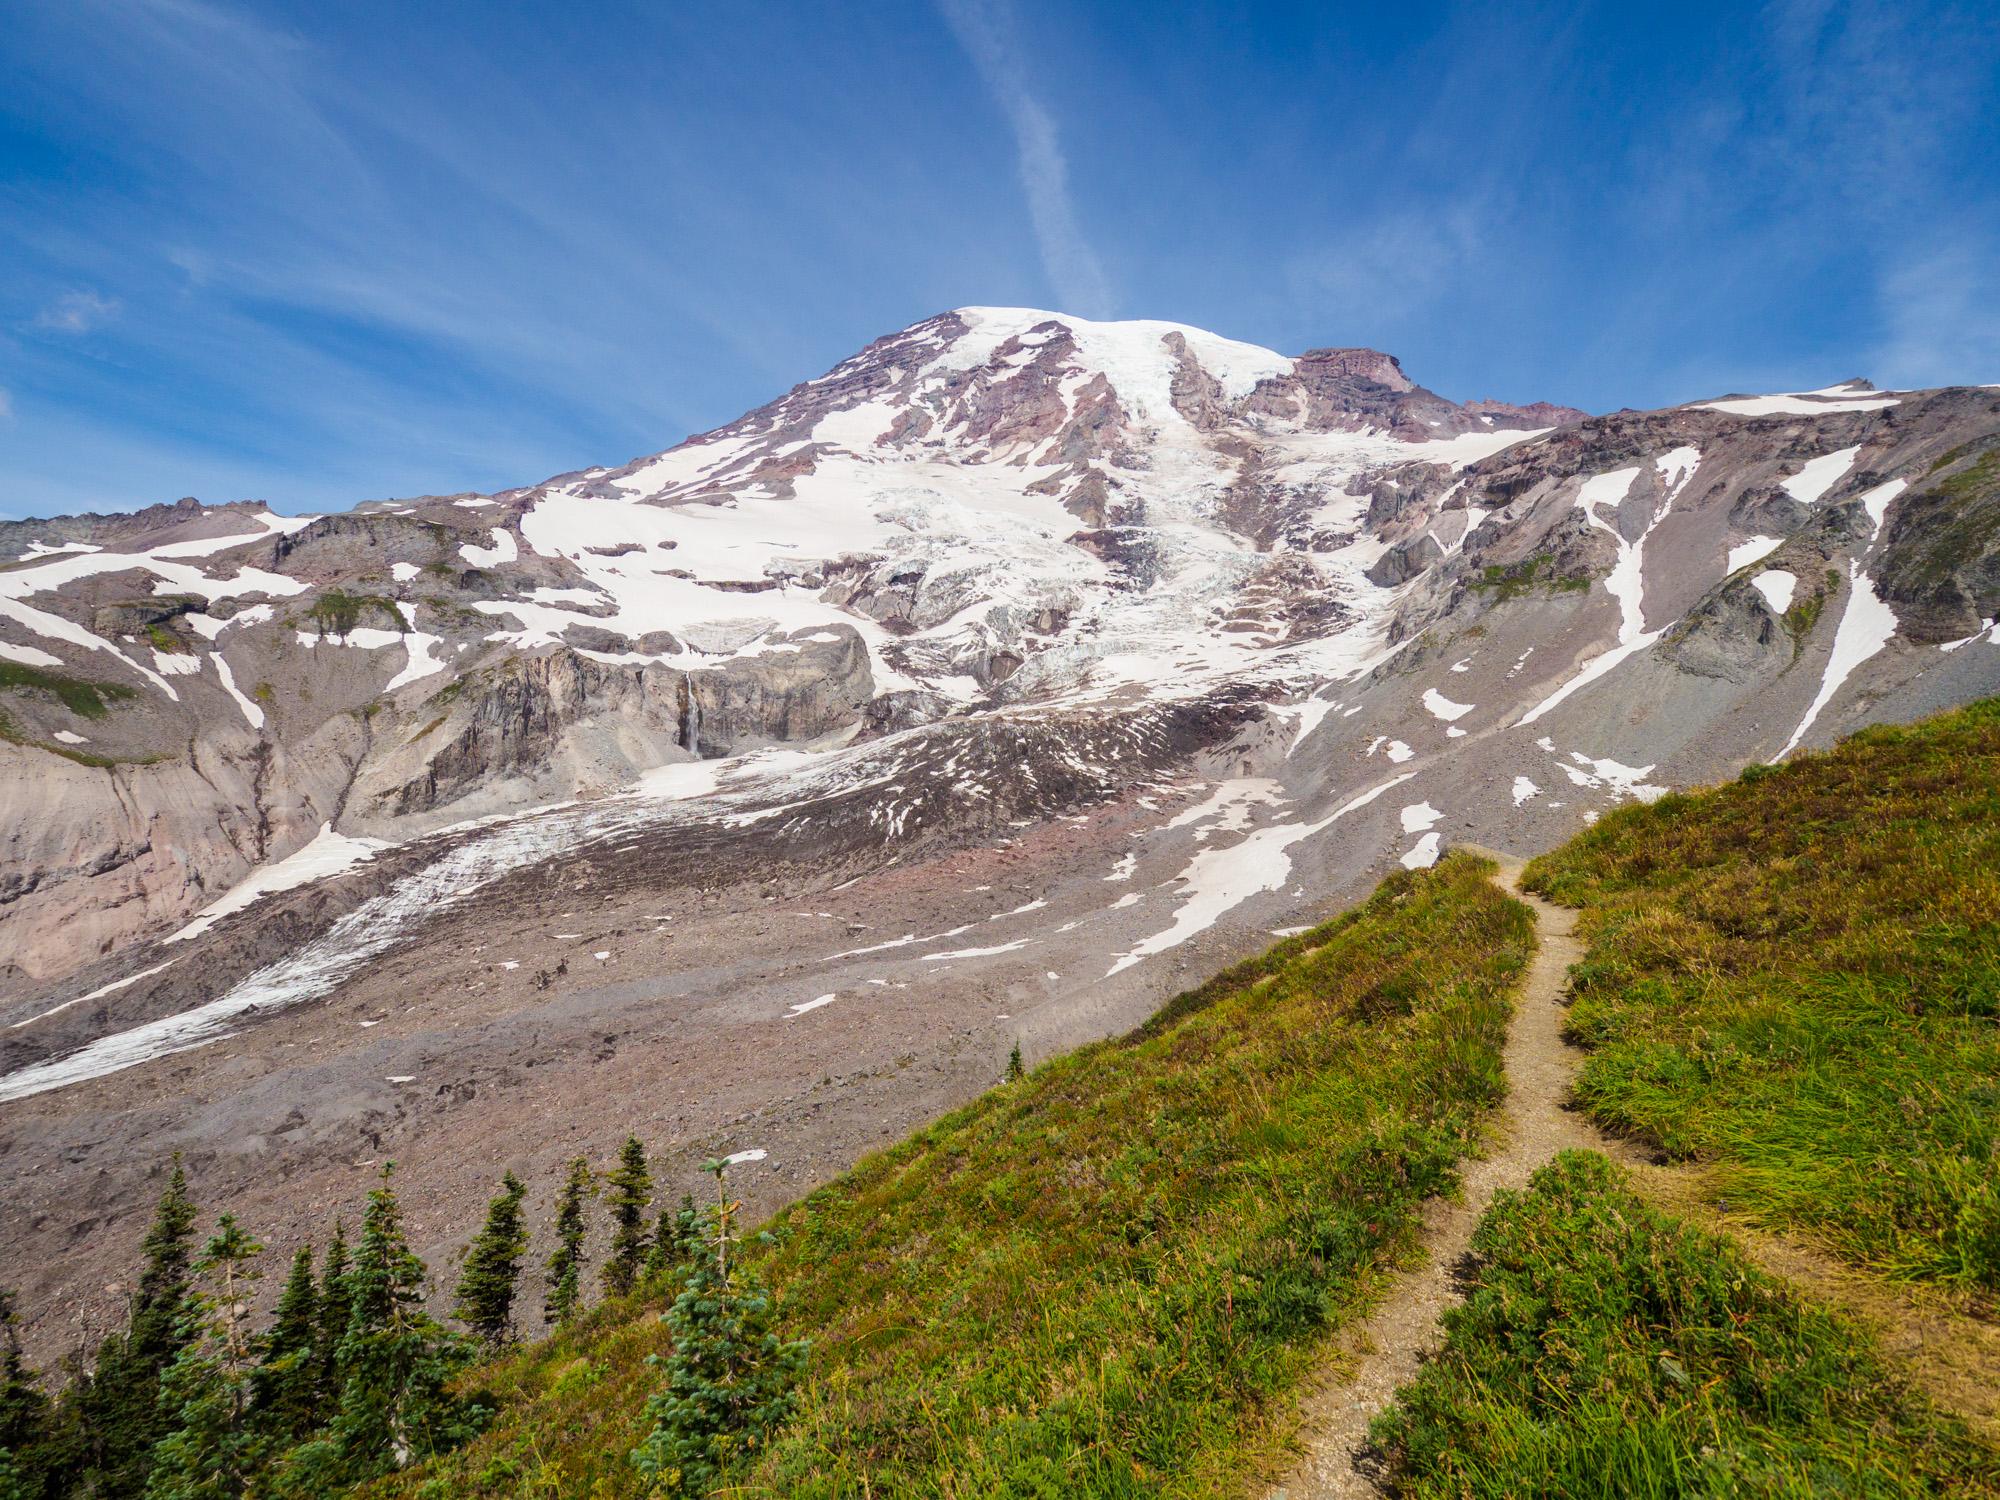 Mt Rainier Nationalpark - Skyline Trail bei Paradise